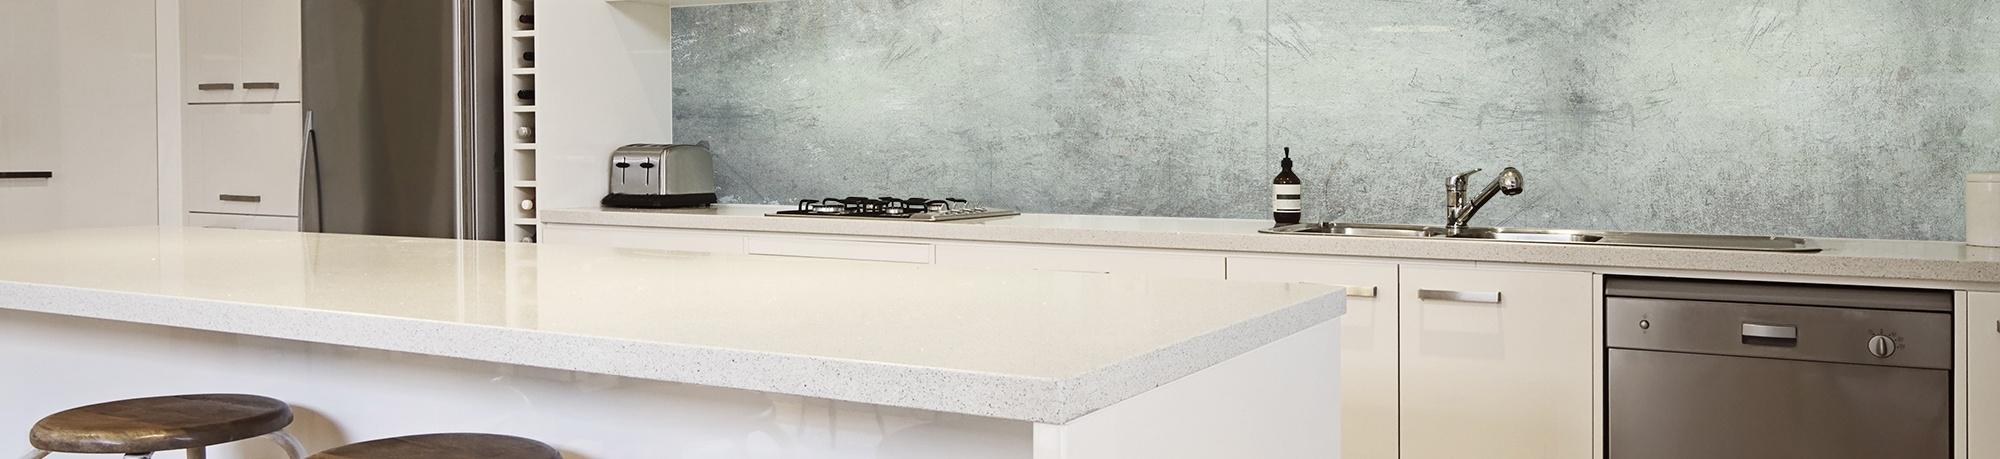 Küchenrückwände aus Glas-